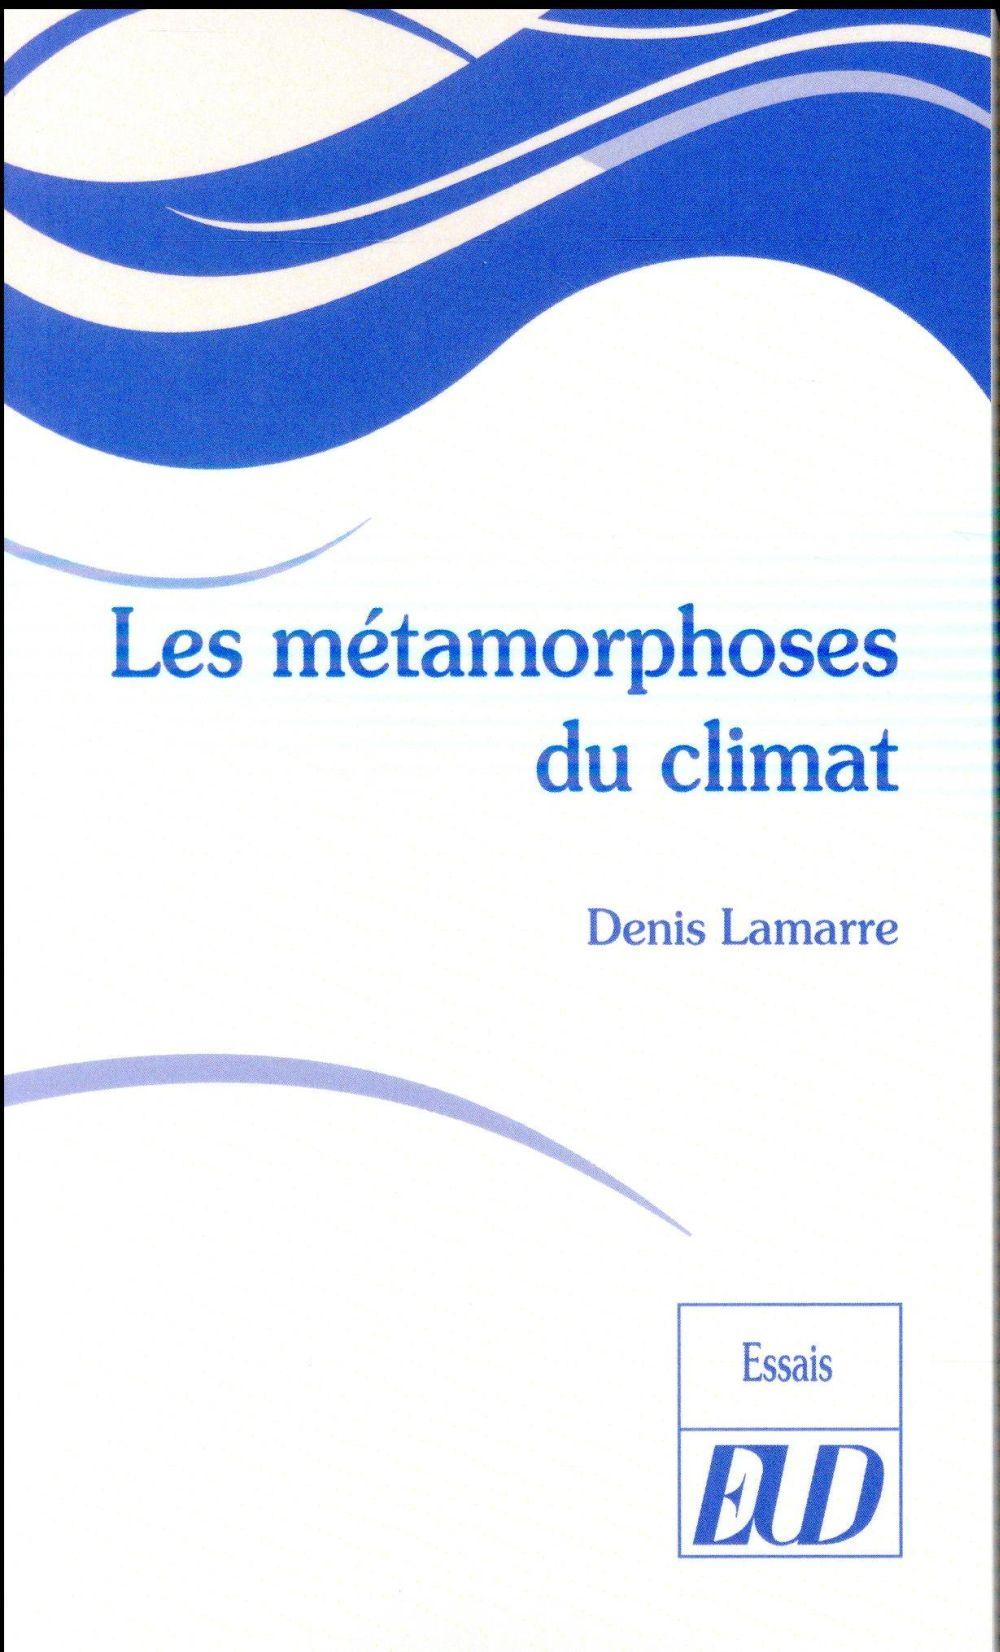 LES METAMORPHOSES DU CLIMAT